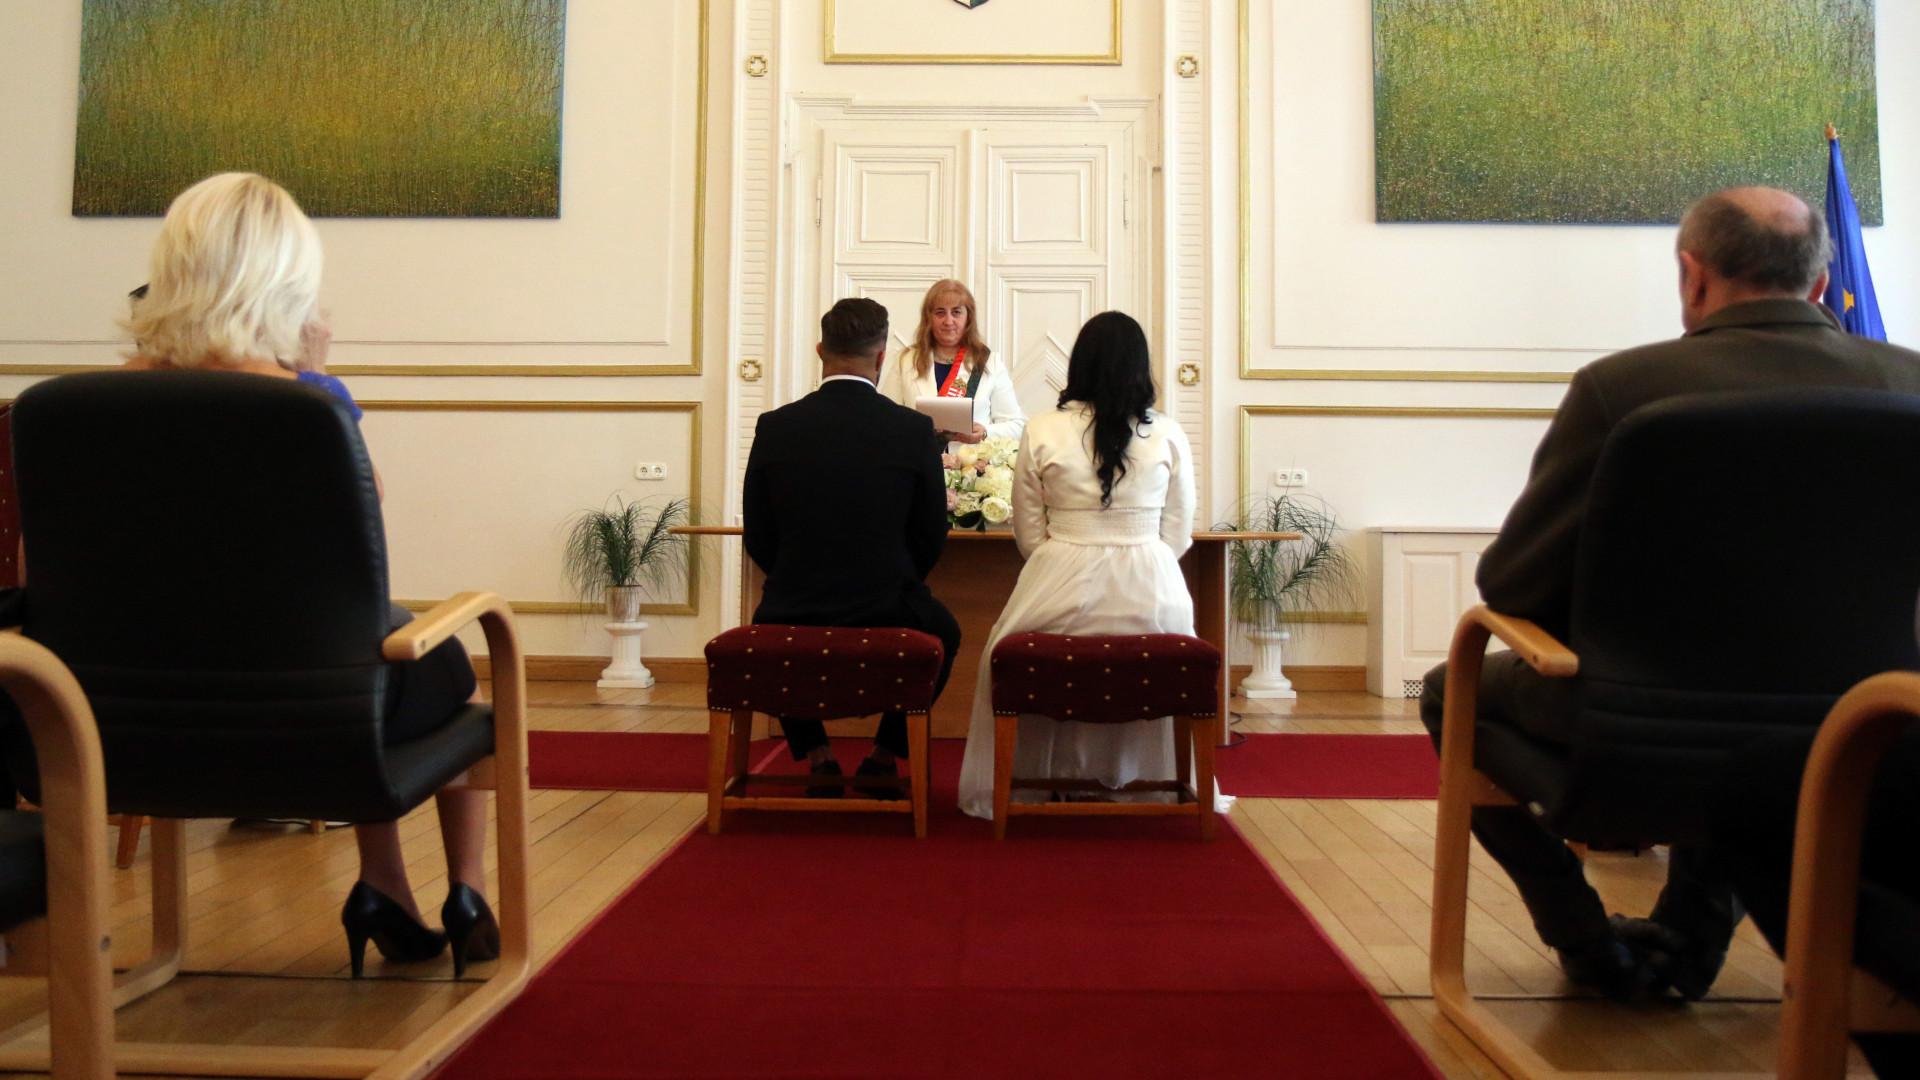 Kiderült, mi az egyik oka annak, hogy berobbant a házasságkötés Magyarországon